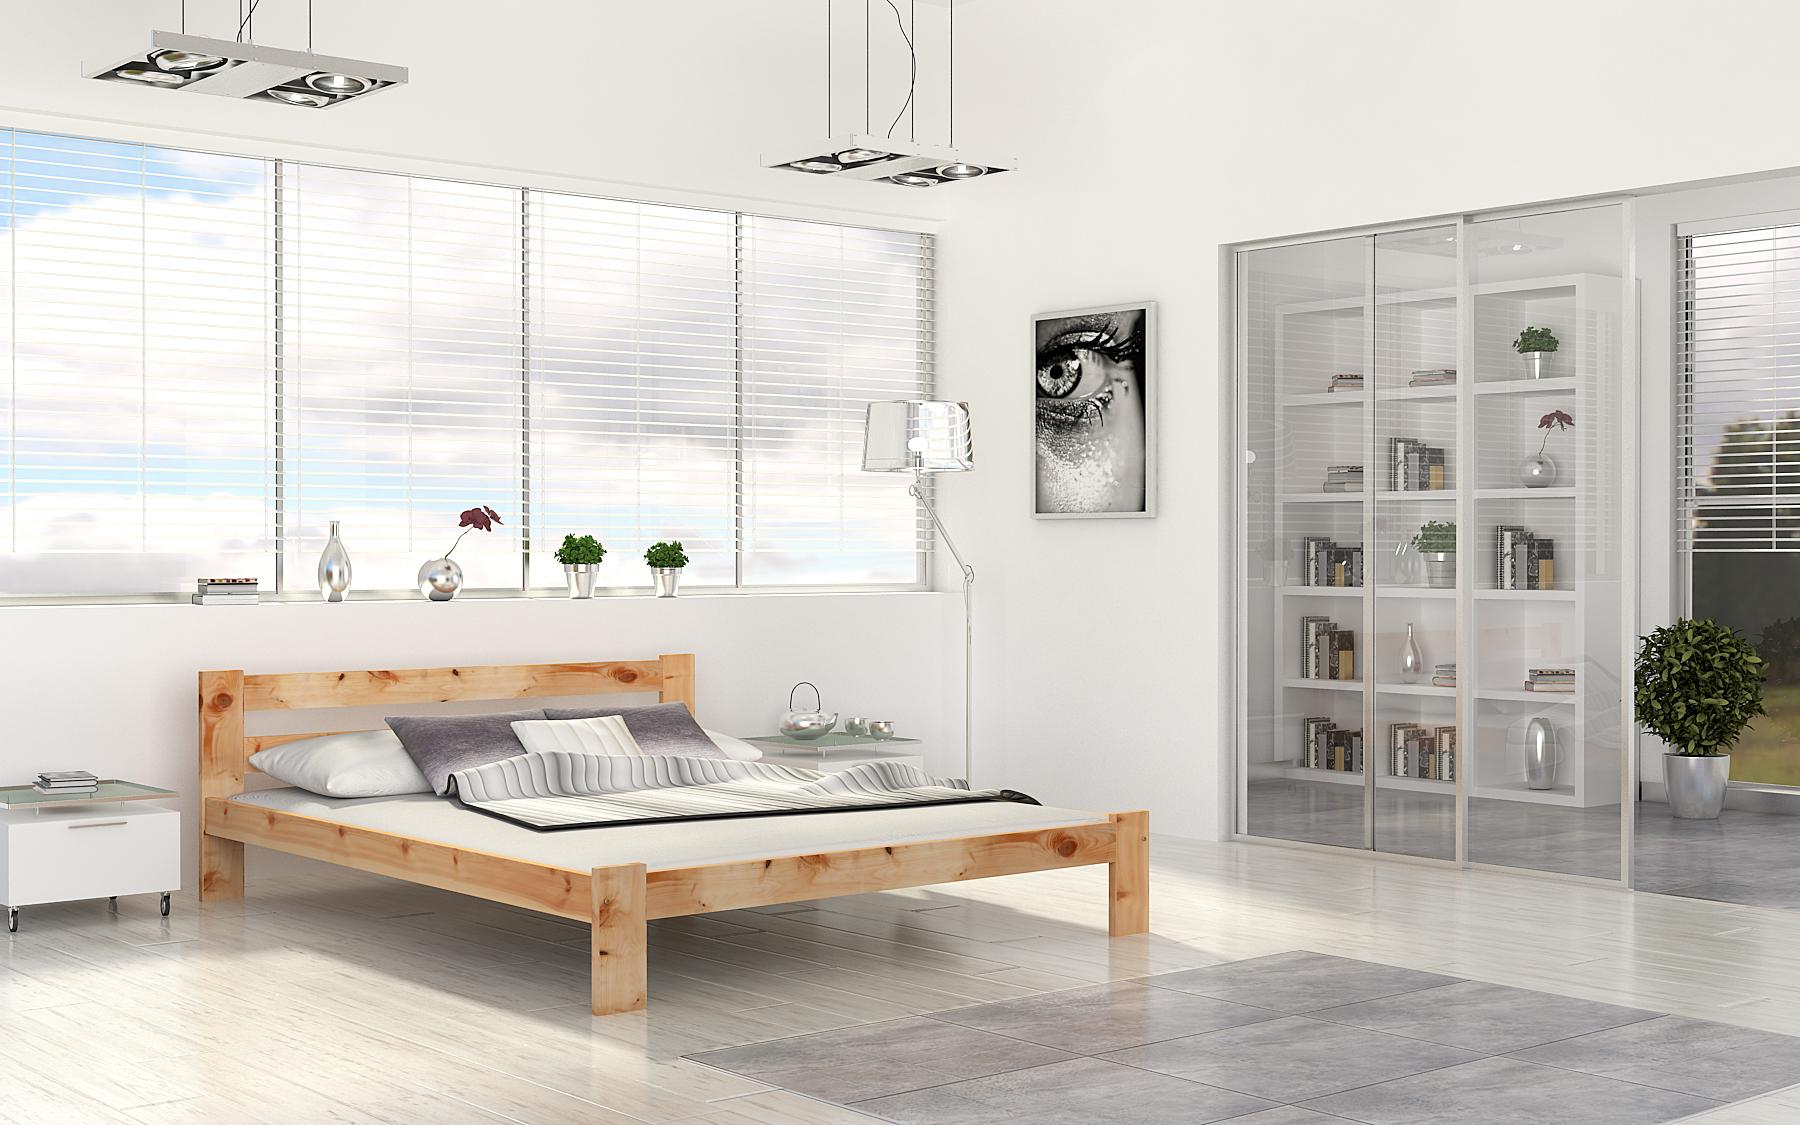 ArtAJ Detská posteľ Venecia 200x90 Farba: Borovica